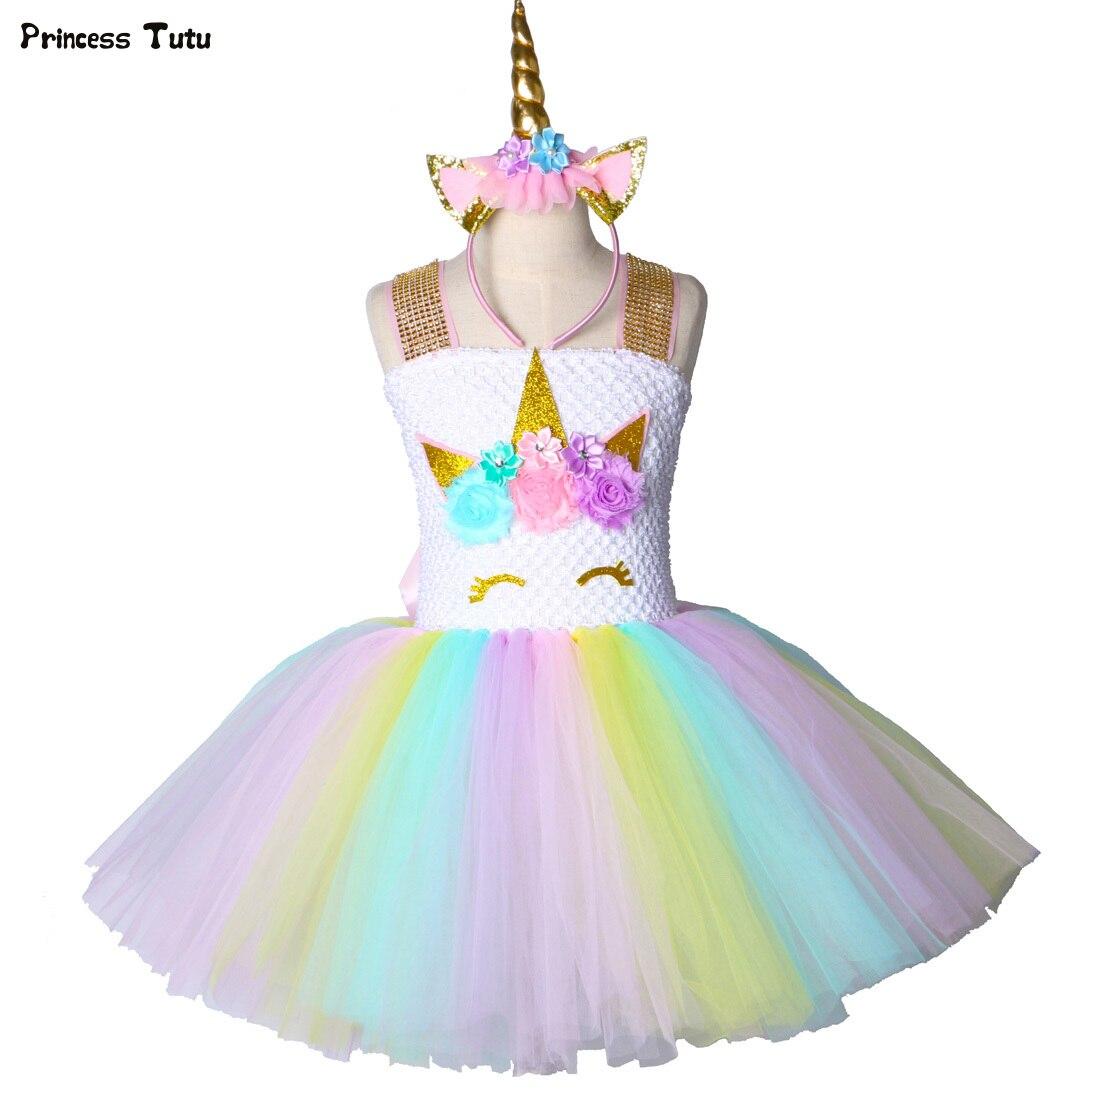 metà fuori d0065 3950d Ragazze dei bambini Unicorn Vestito Dal Tutu Arcobaleno Principessa Bambini  Festa di Compleanno del Vestito Delle Ragazze Di Natale di Halloween Pony  ...